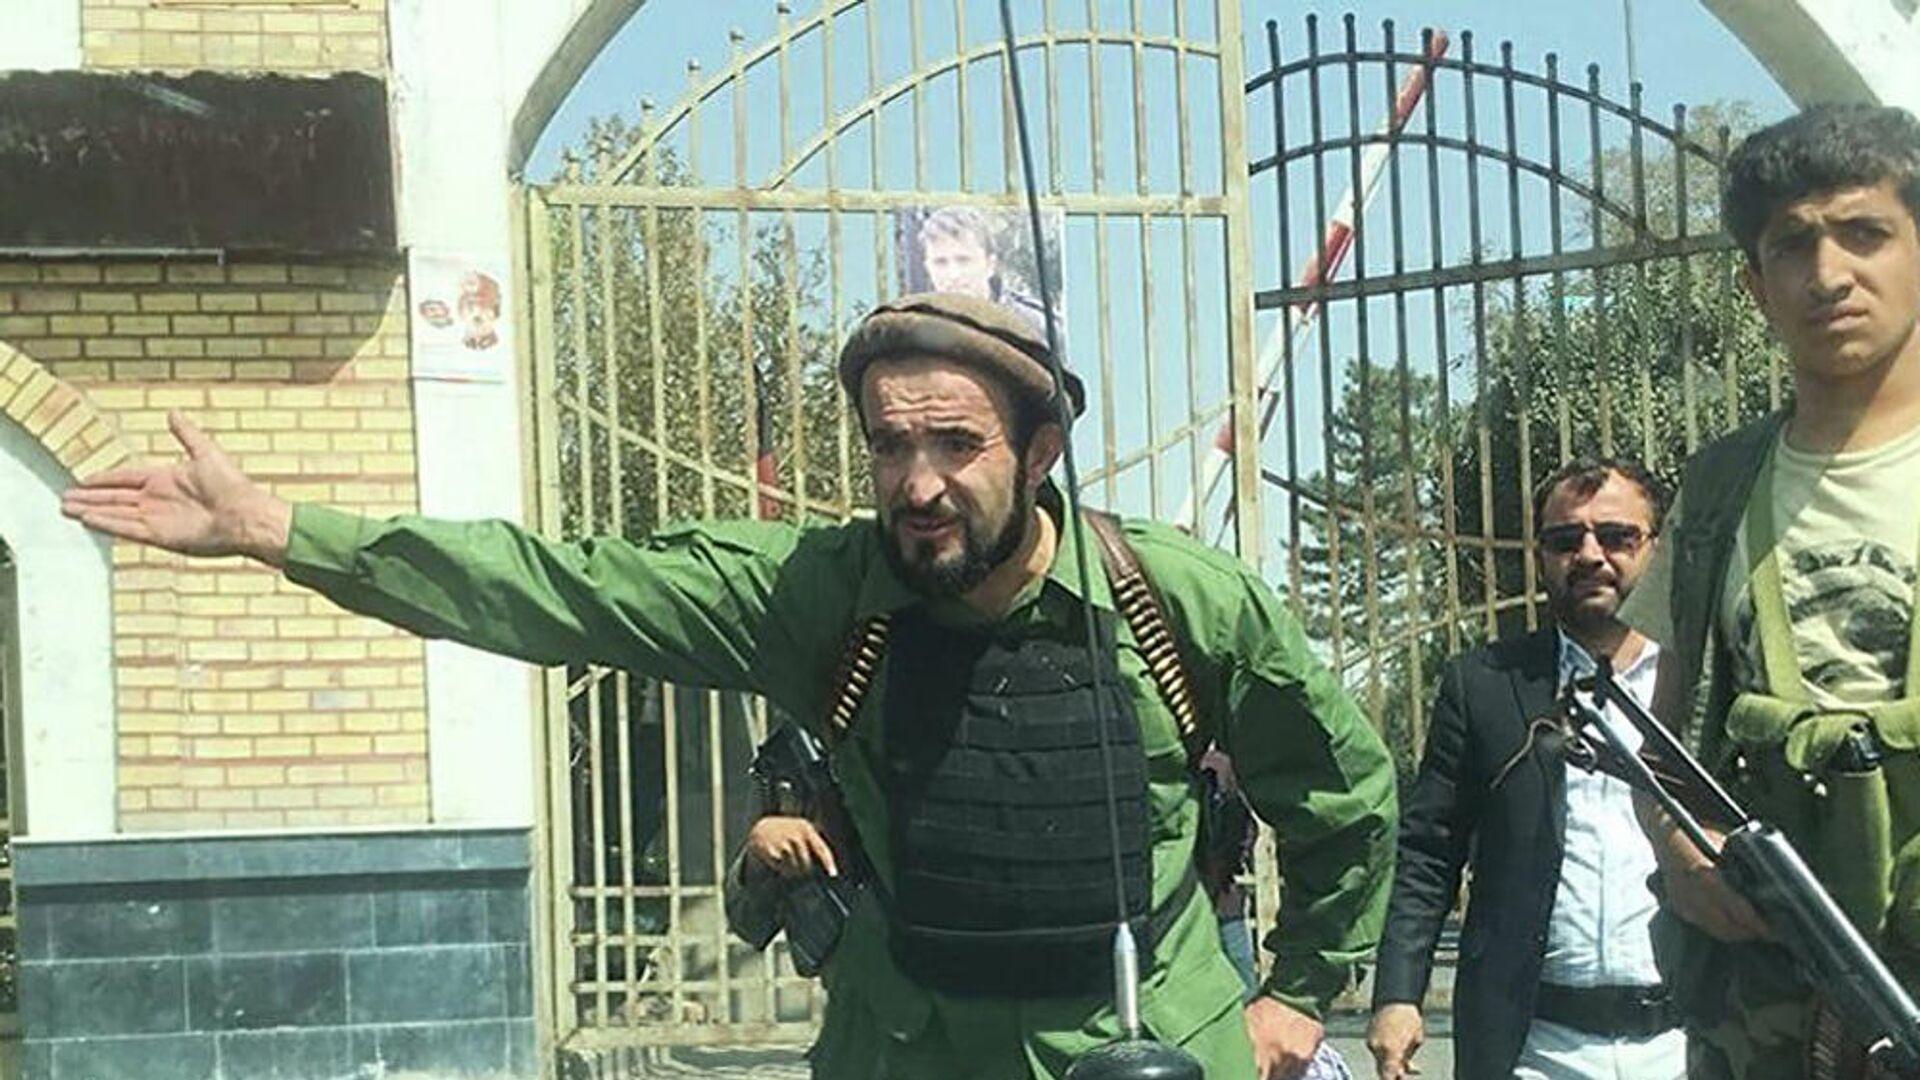 Абдул Хамид Хурасани, глава сулжбы безопасности Талибов в Панджшере - Sputnik Тоҷикистон, 1920, 01.10.2021